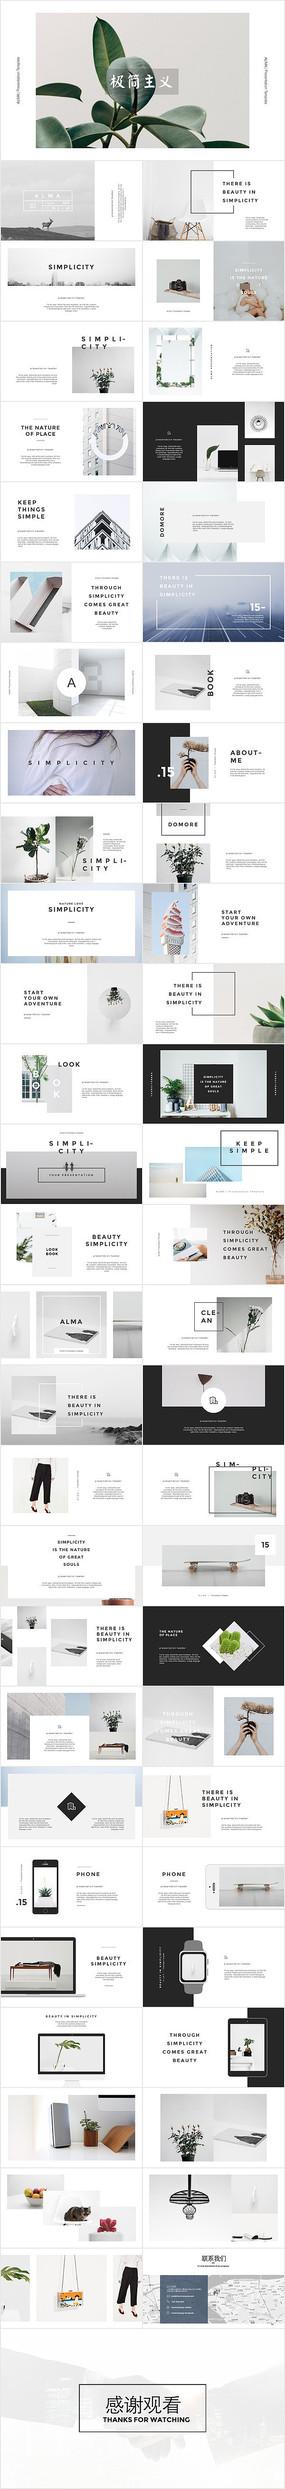 简约极简主义创意设计ppt